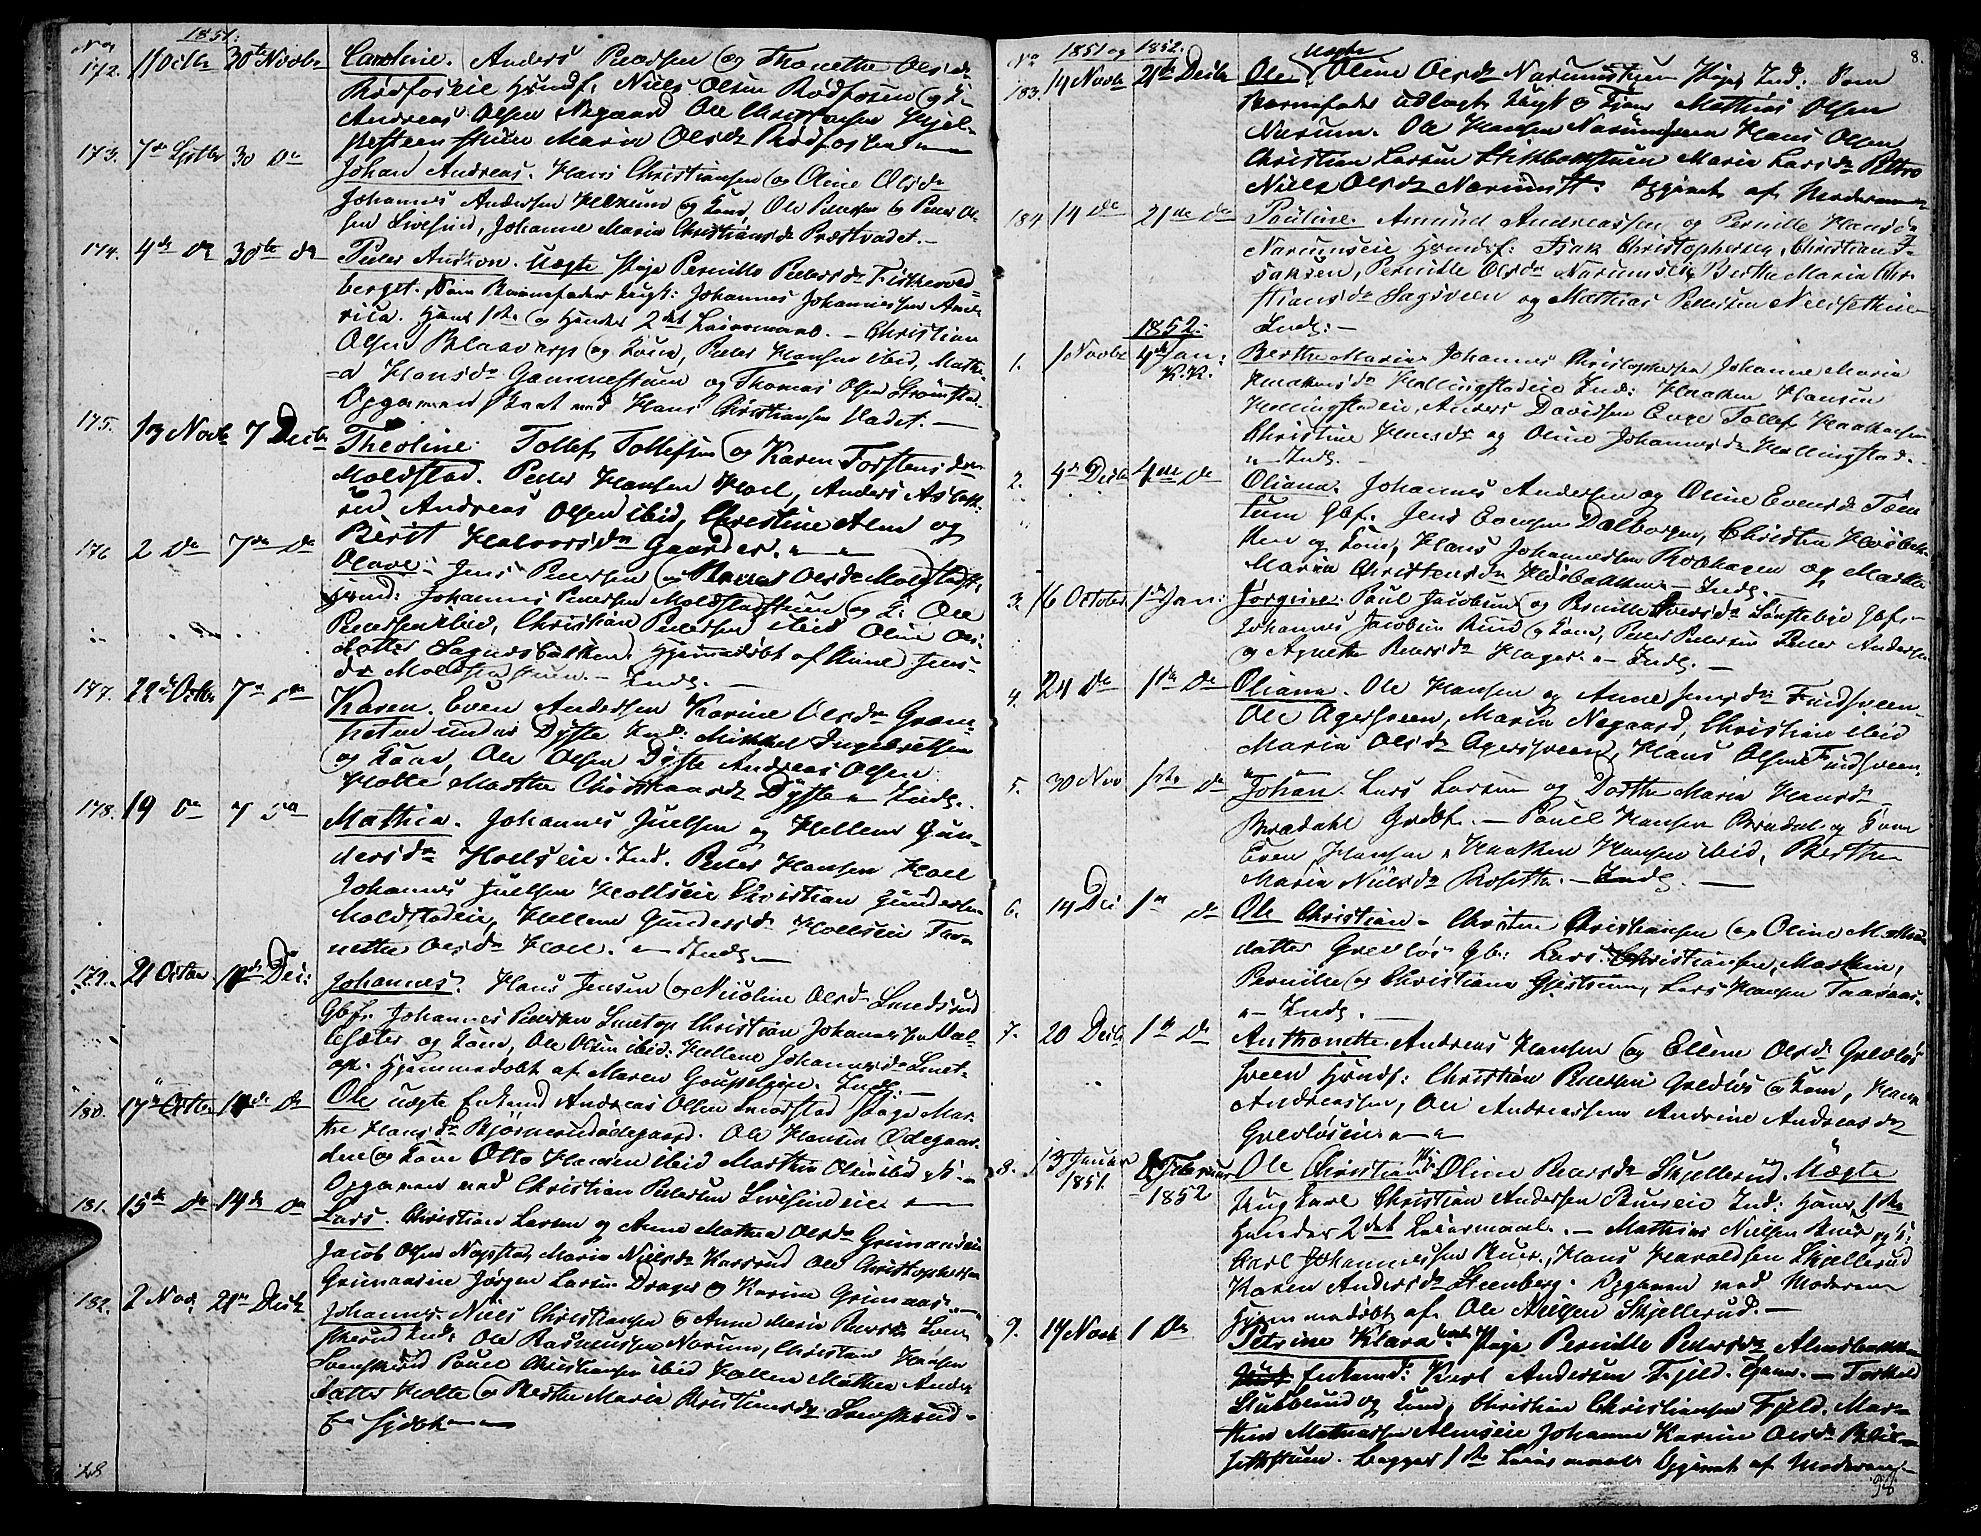 SAH, Vestre Toten prestekontor, Klokkerbok nr. 4, 1851-1853, s. 8